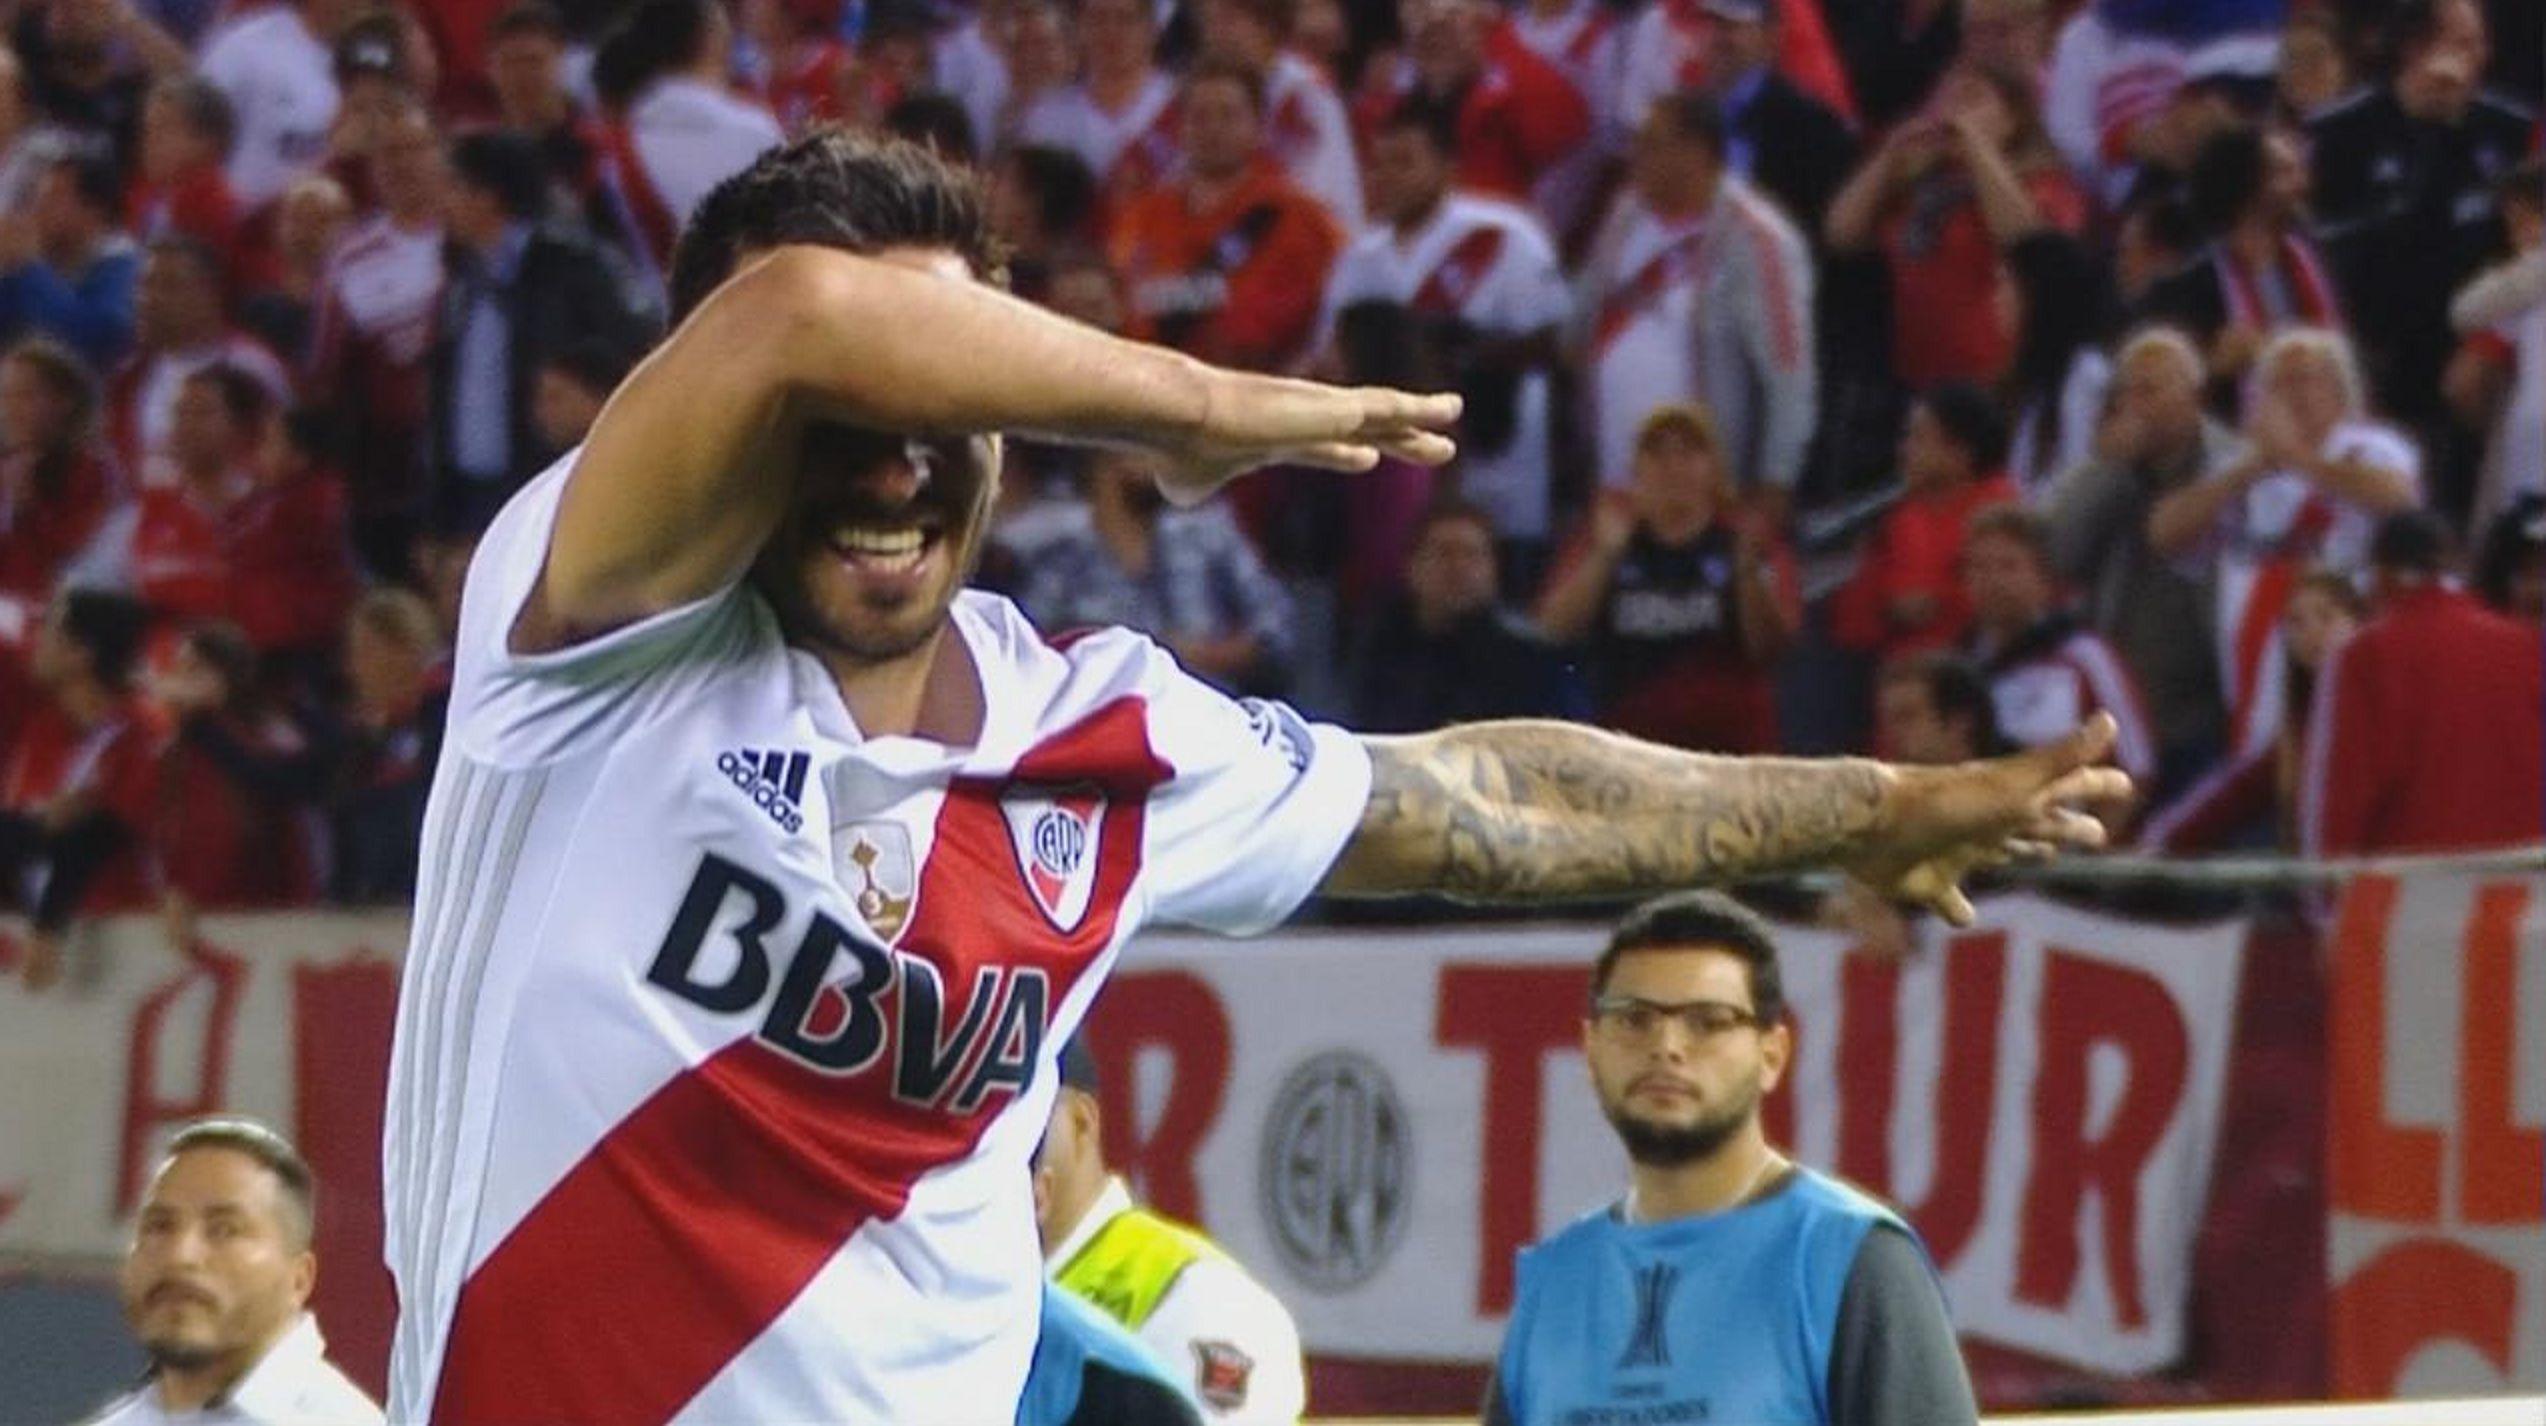 River le ganó a Lanús y empieza a soñar con una nueva Libertadores en su vitrina